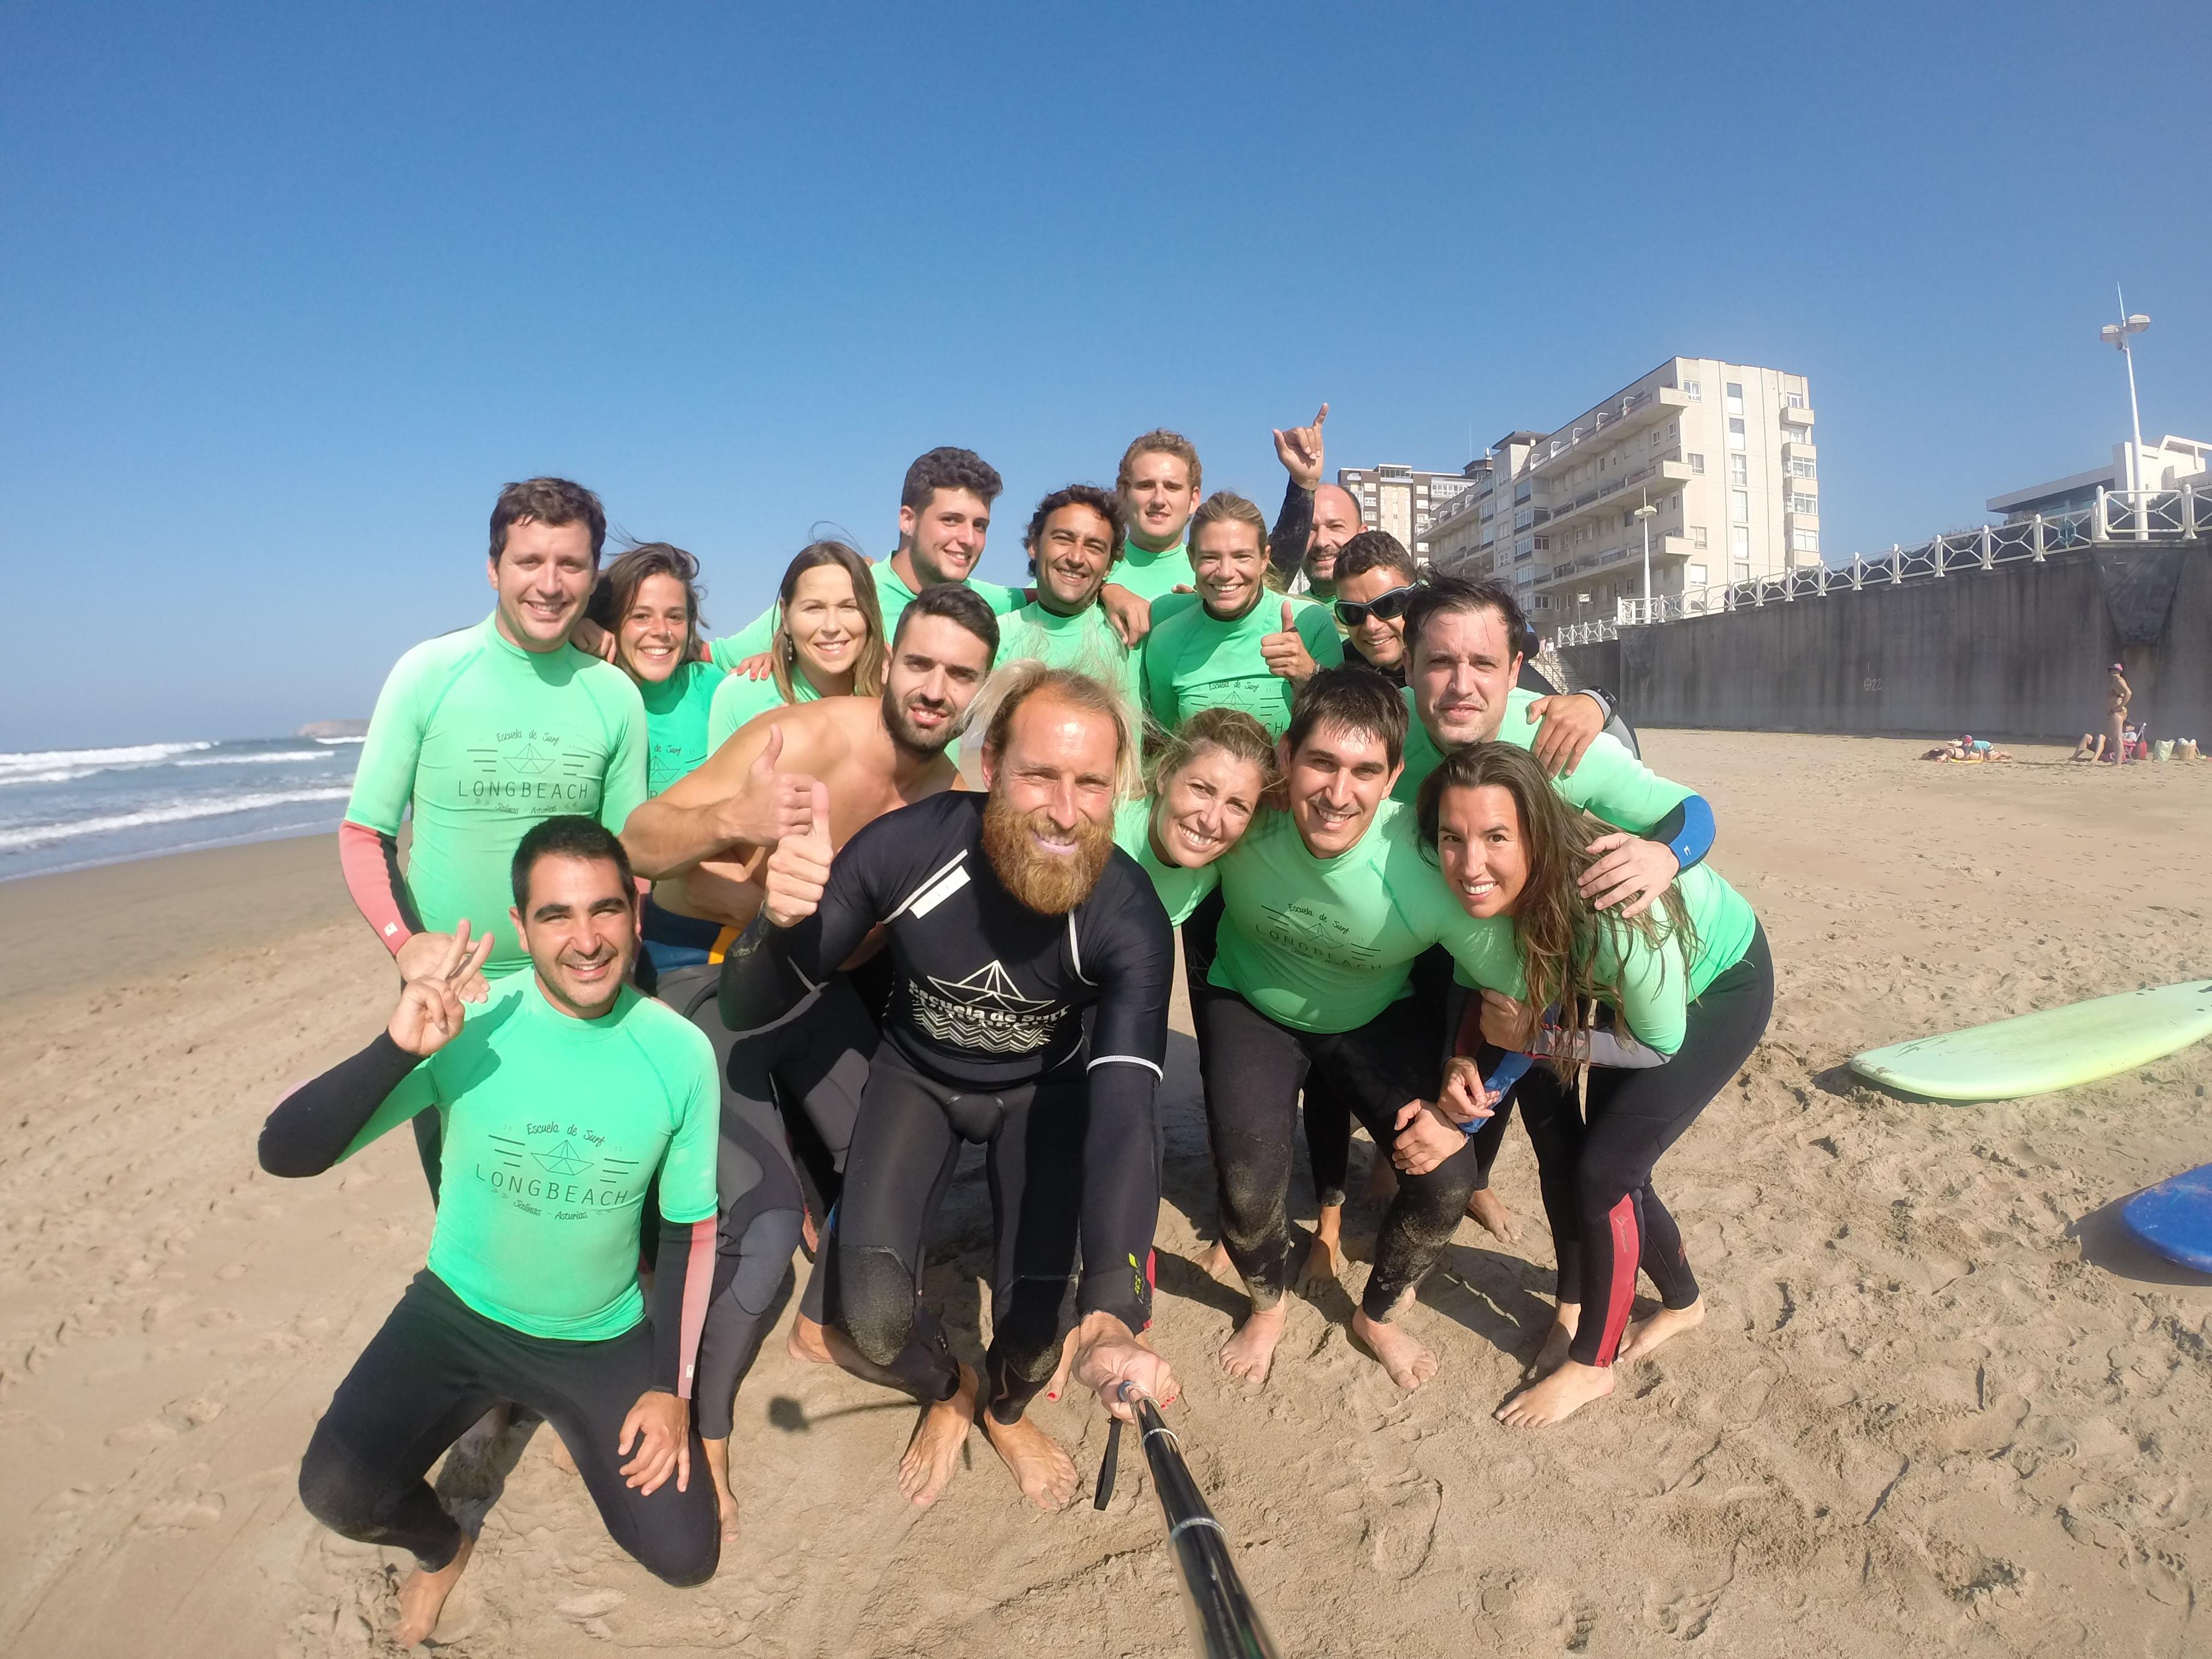 Escuela de surf camp longbeach 20.JPG